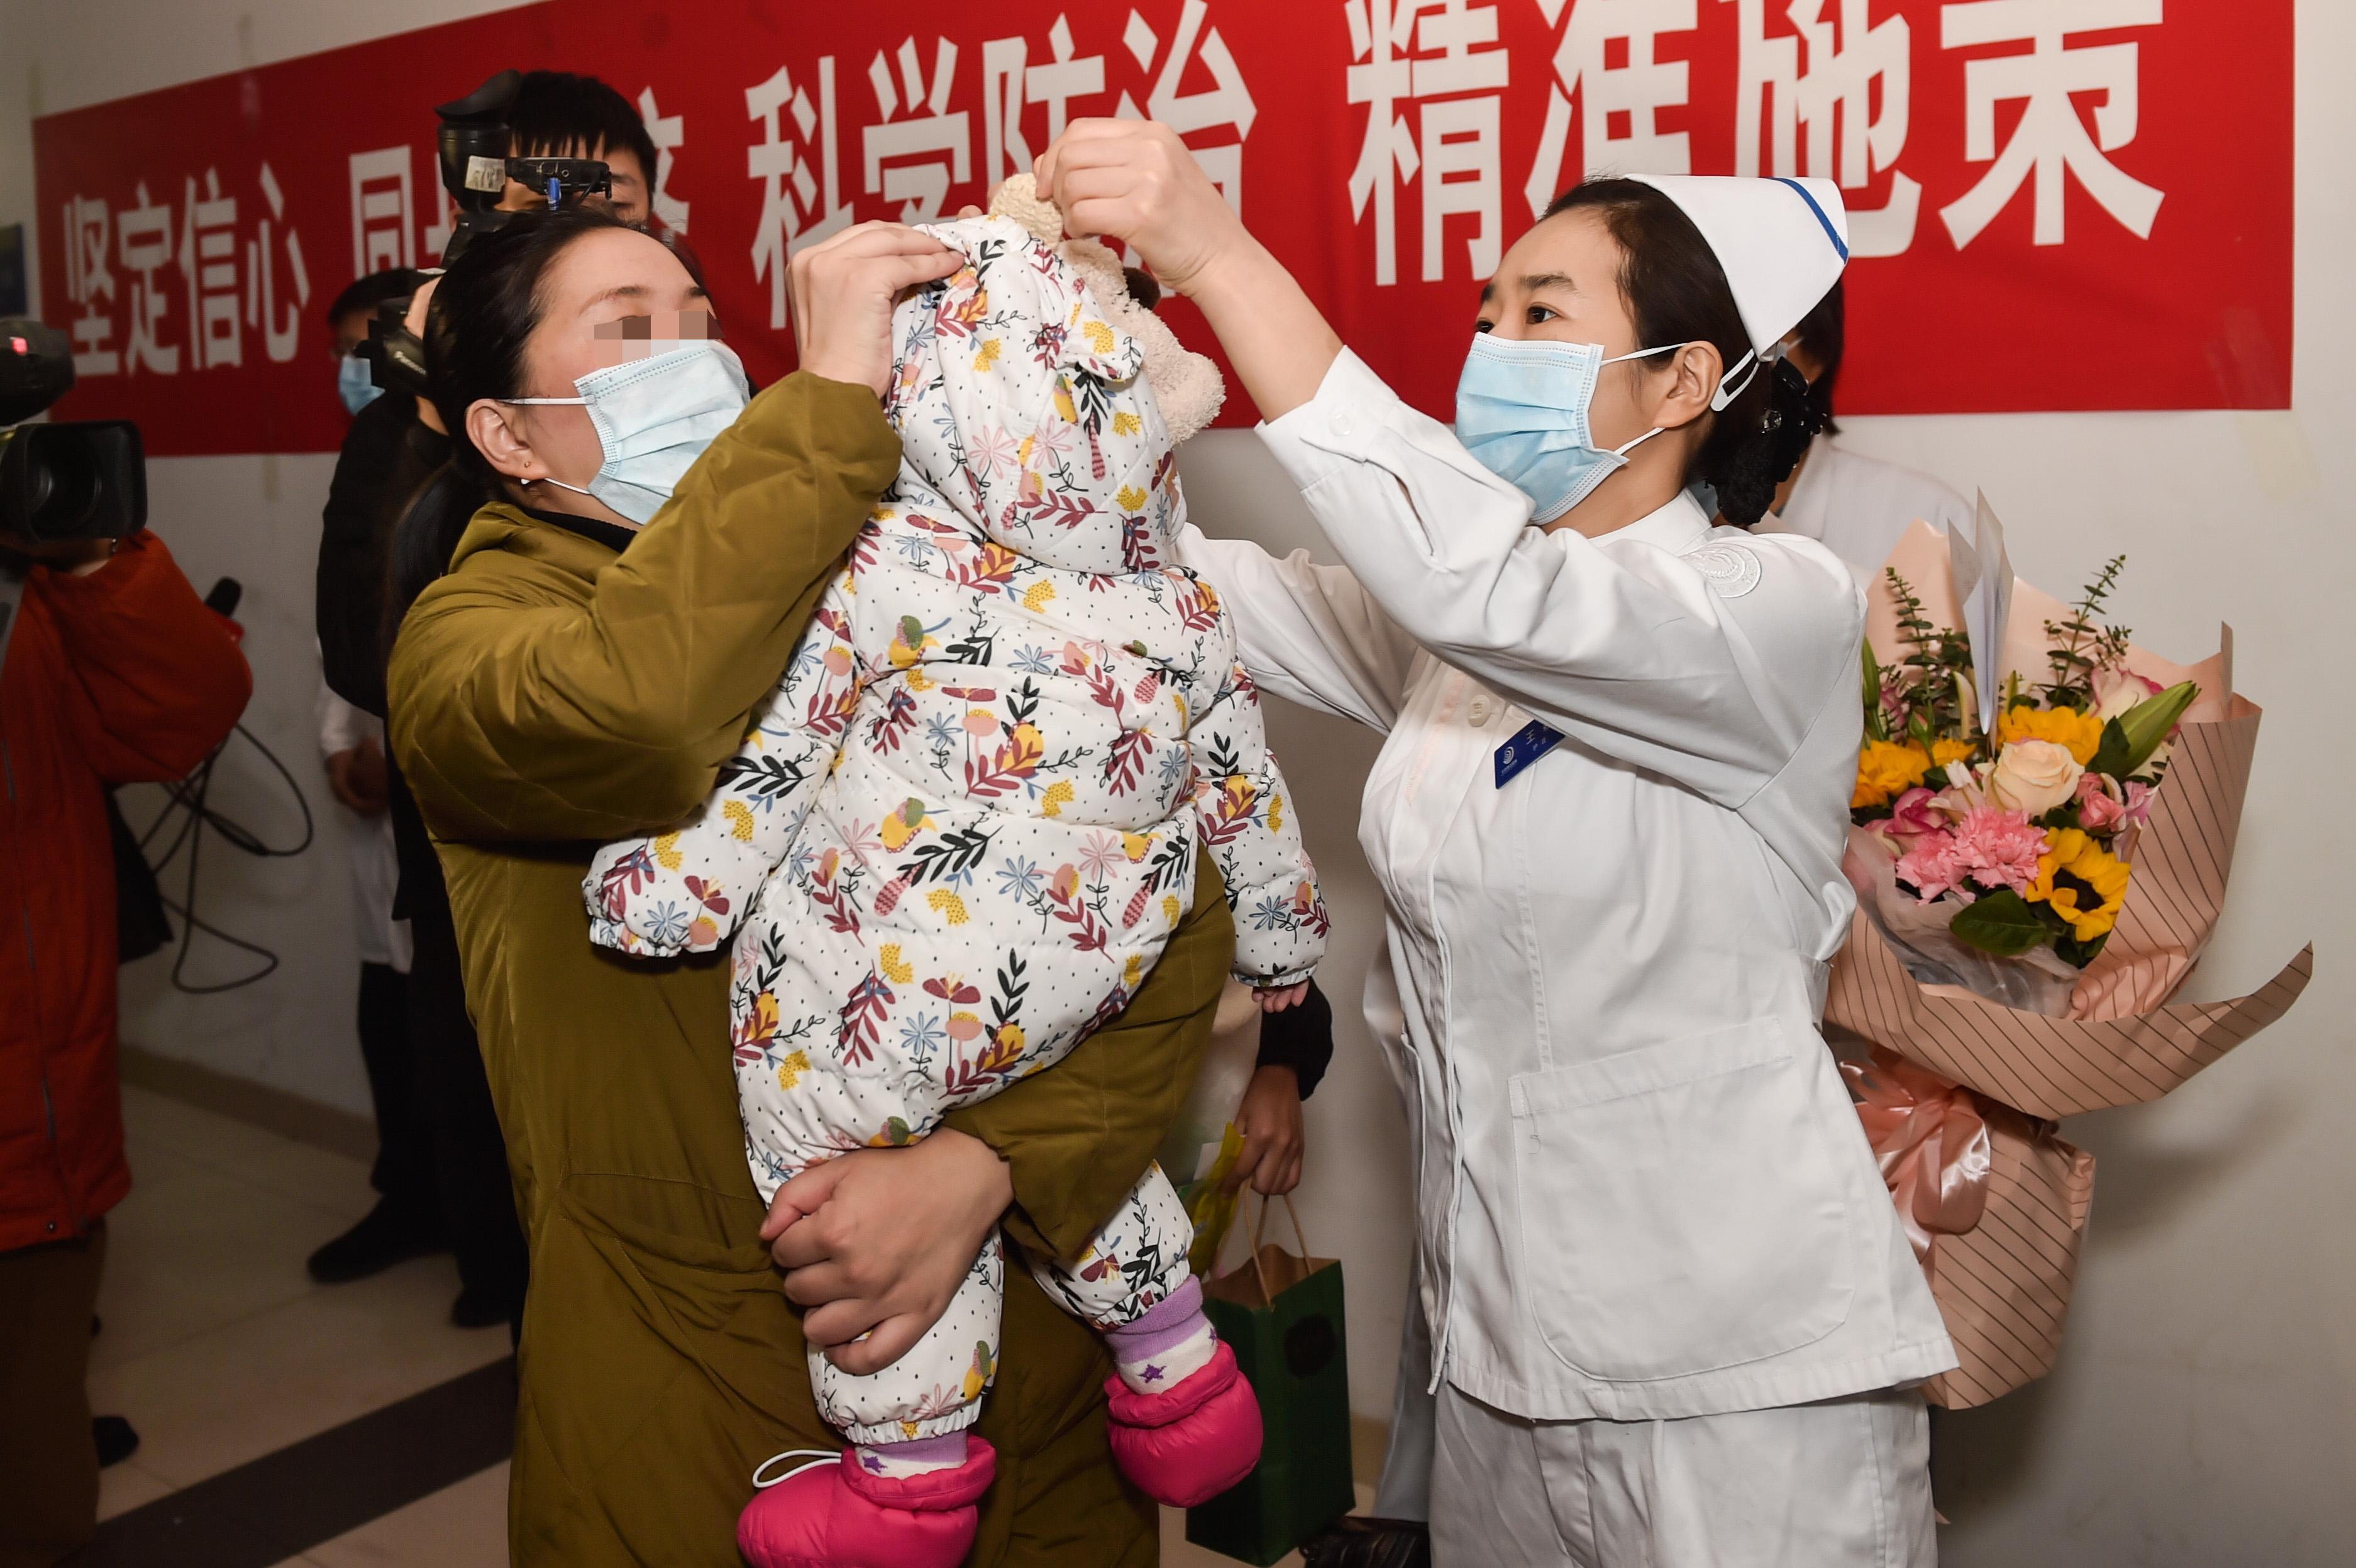 新型肺炎に感染した生後9カ月の女児が退院 北京市